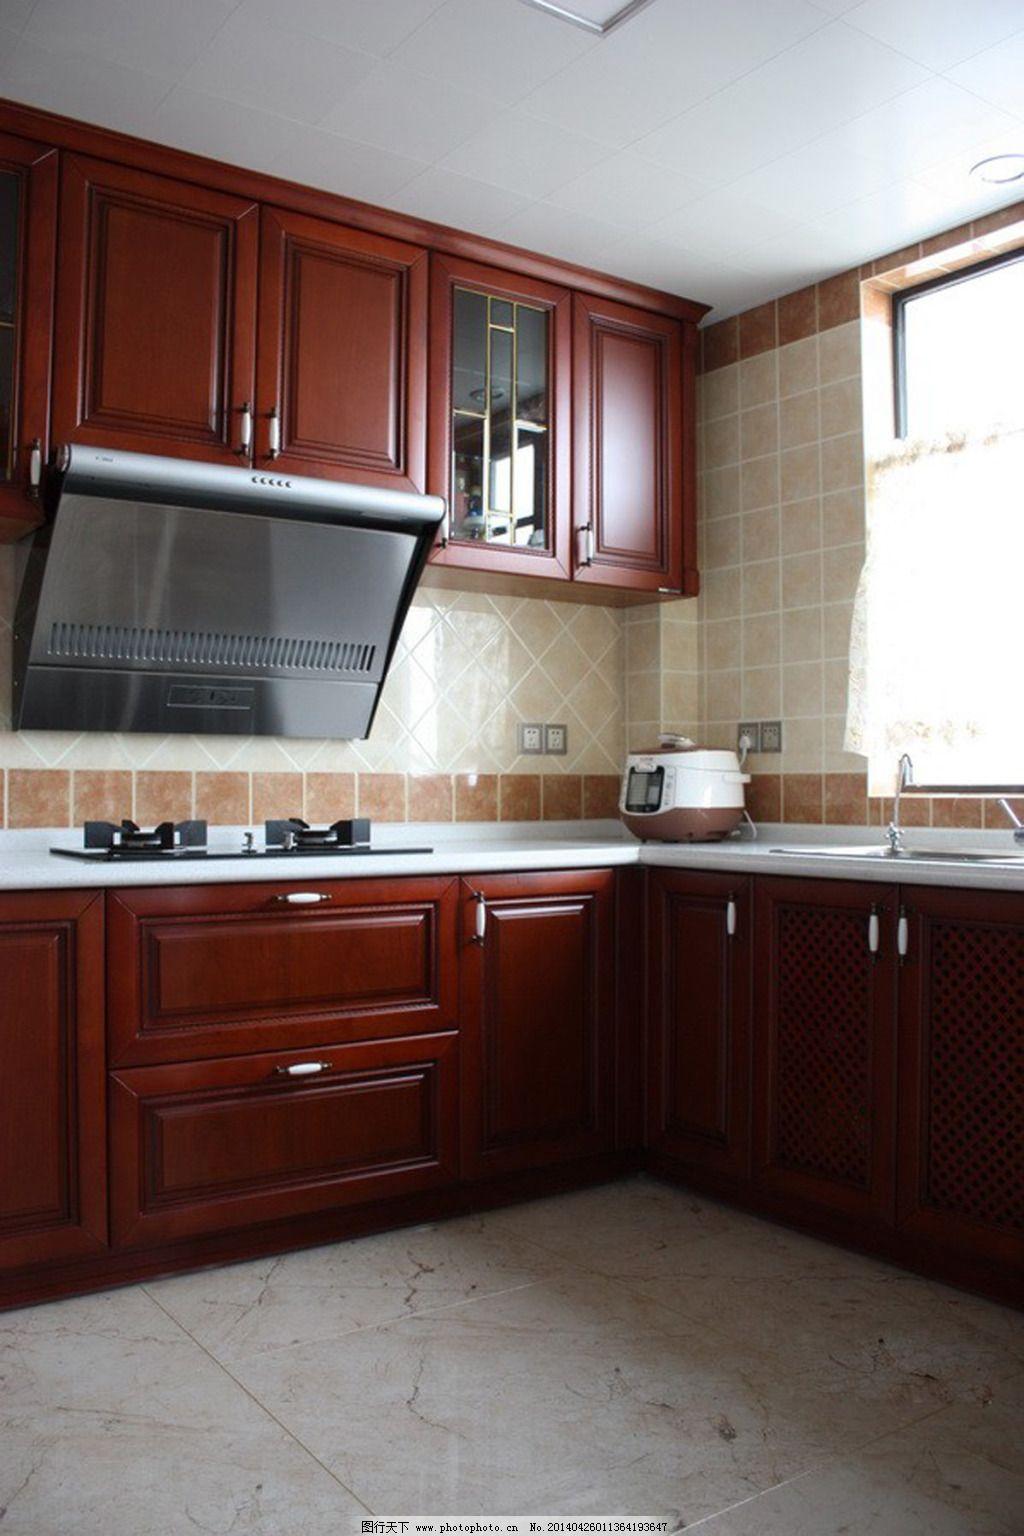 室内设计  厨房装修图免费下载 高清图片 家居 室内设计效果图 卧室